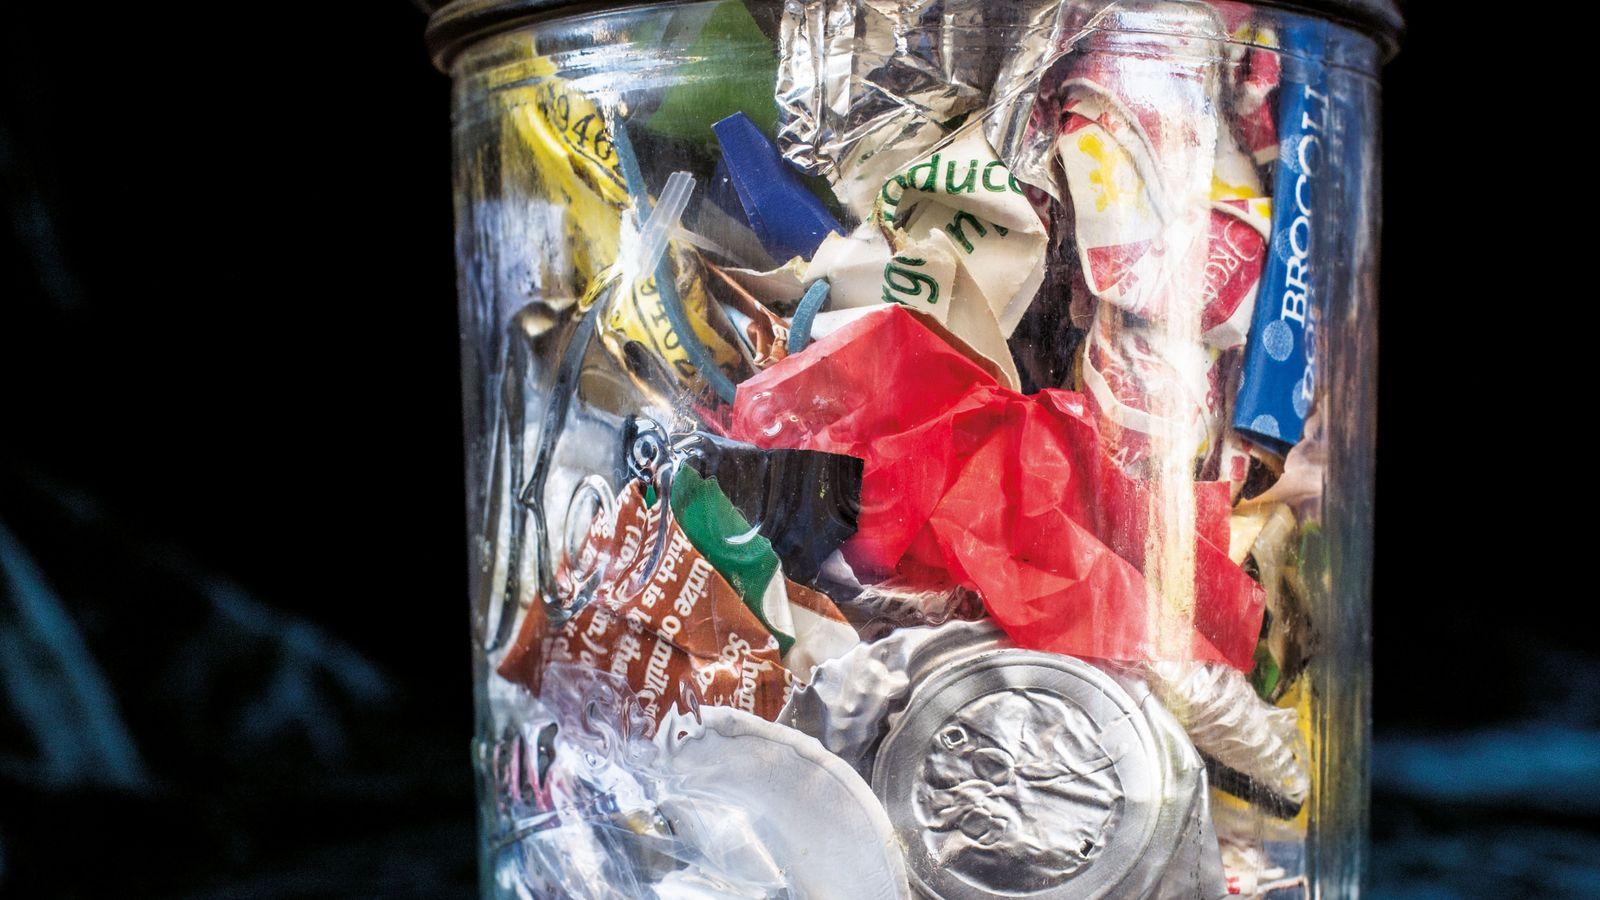 Comment mettre fin à la pollution plastique ?